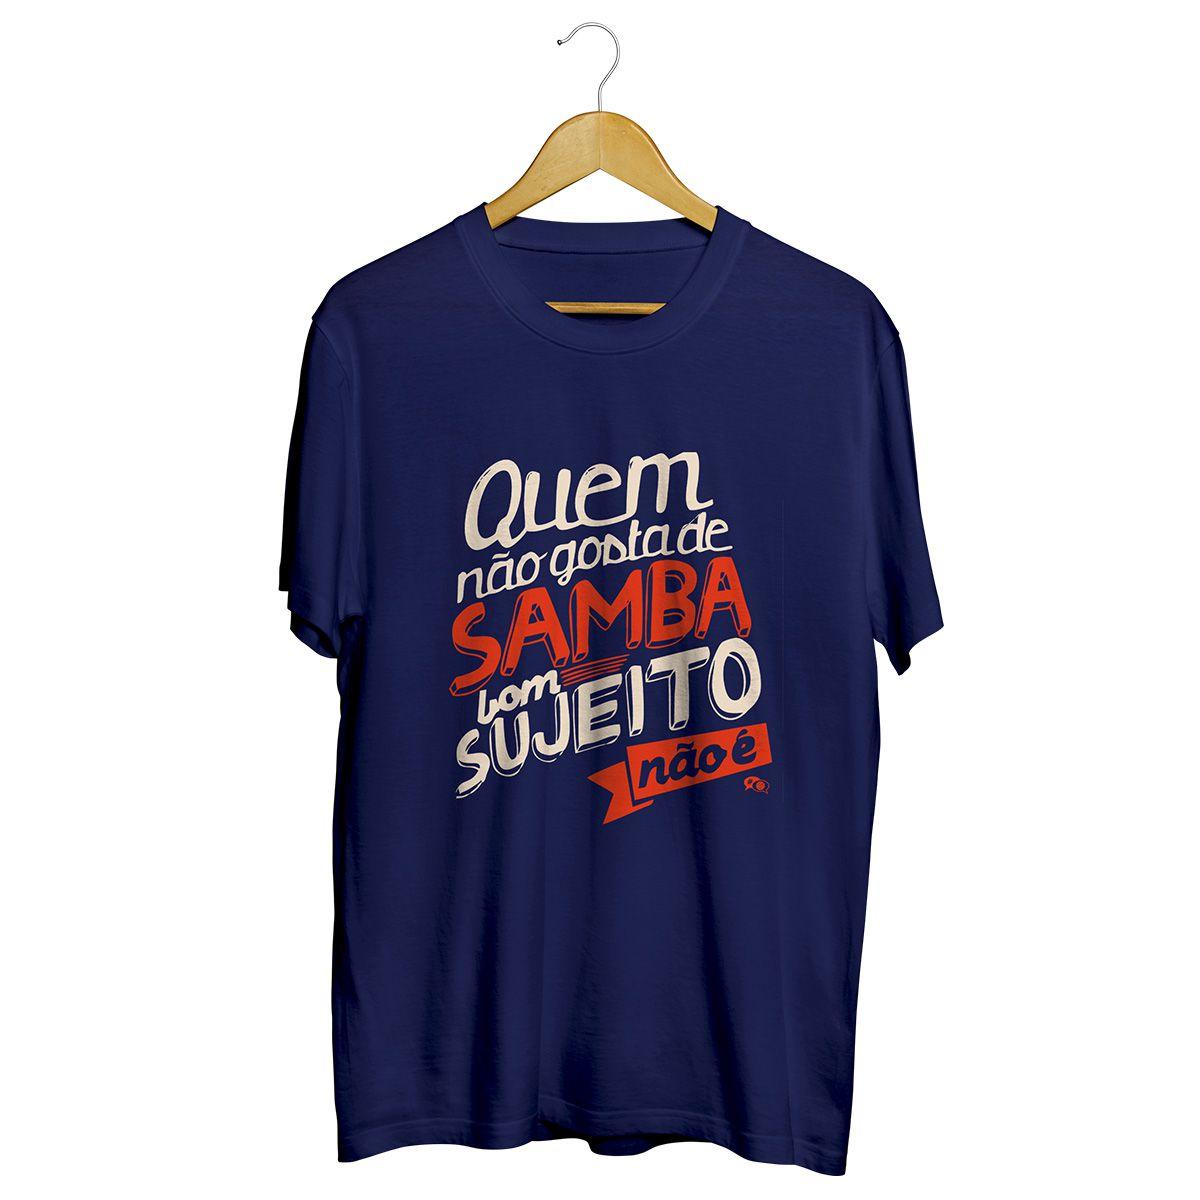 Camiseta - QUEM NÃO GOSTA DE SAMBA. Masculino